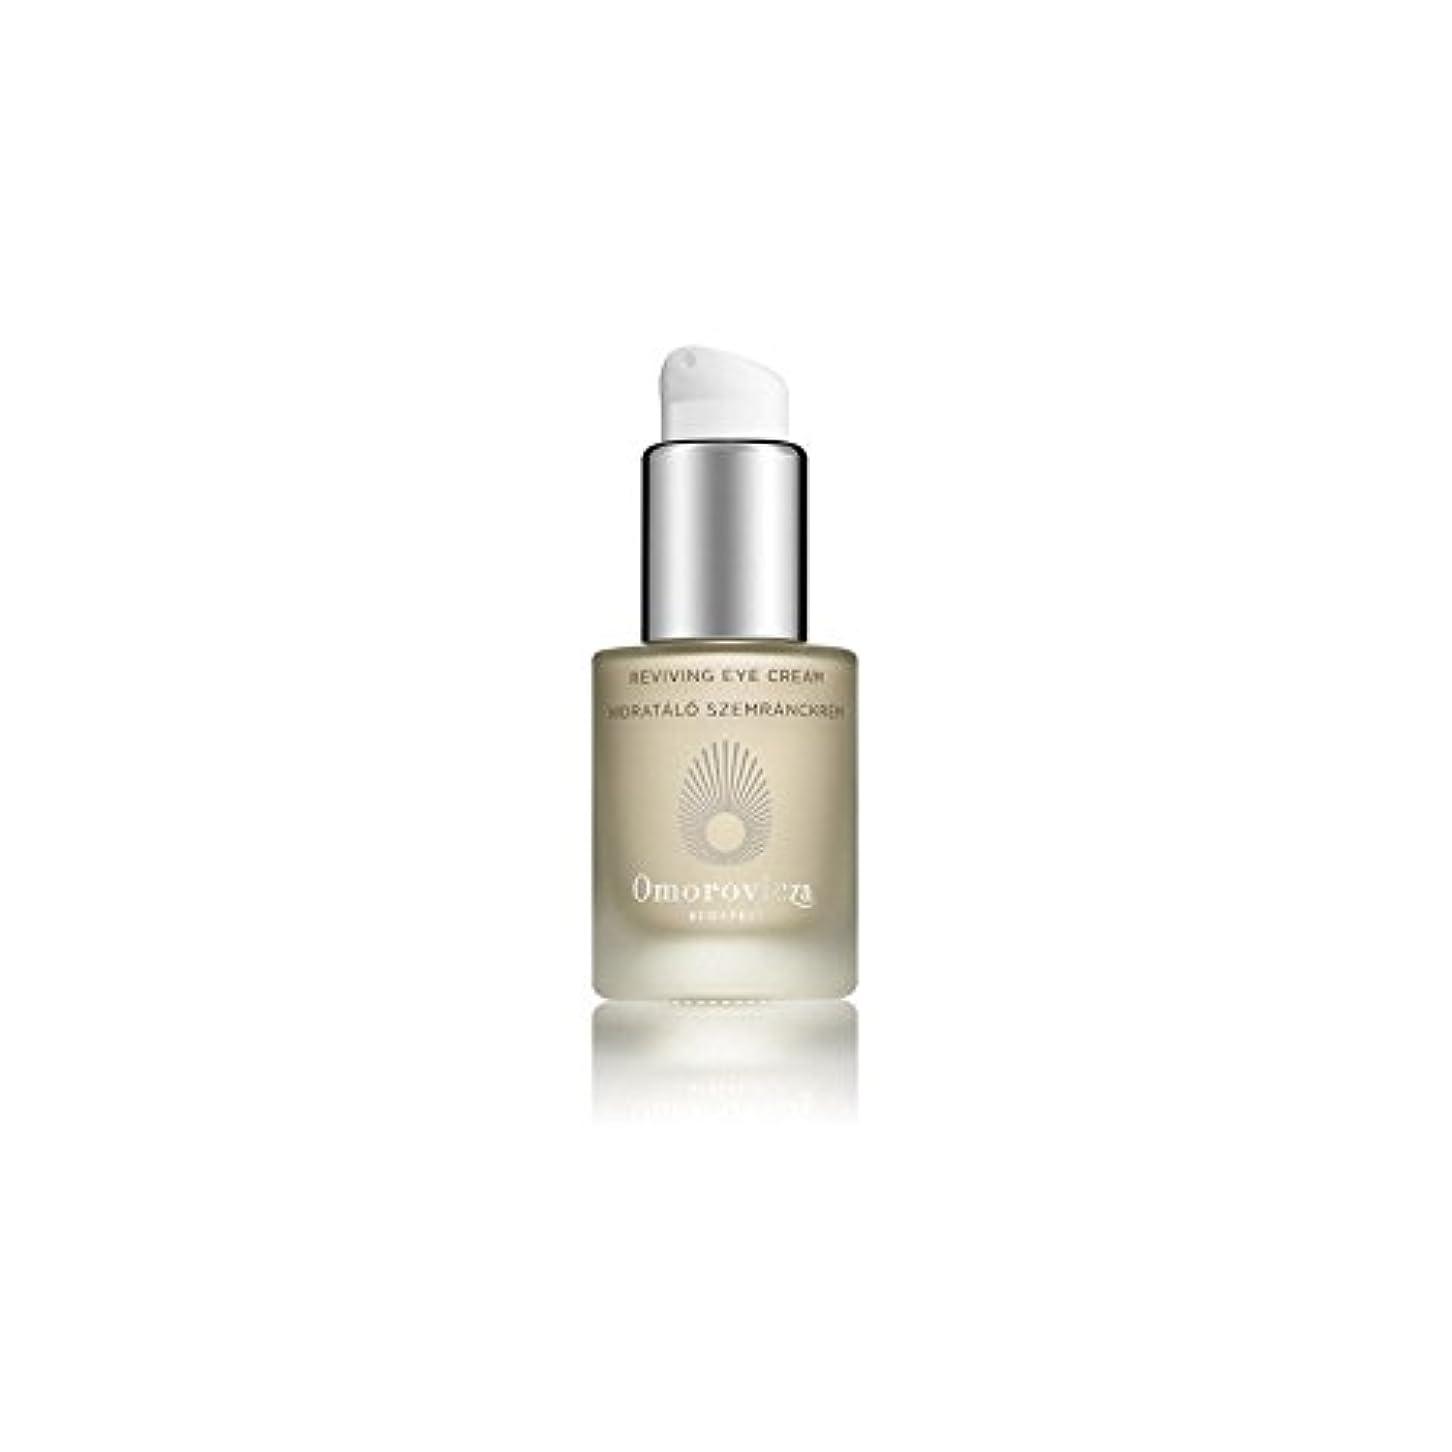 堂々たる降臨しないでくださいOmorovicza Reviving Eye Cream (15ml) - 復活アイクリーム(15ミリリットル) [並行輸入品]